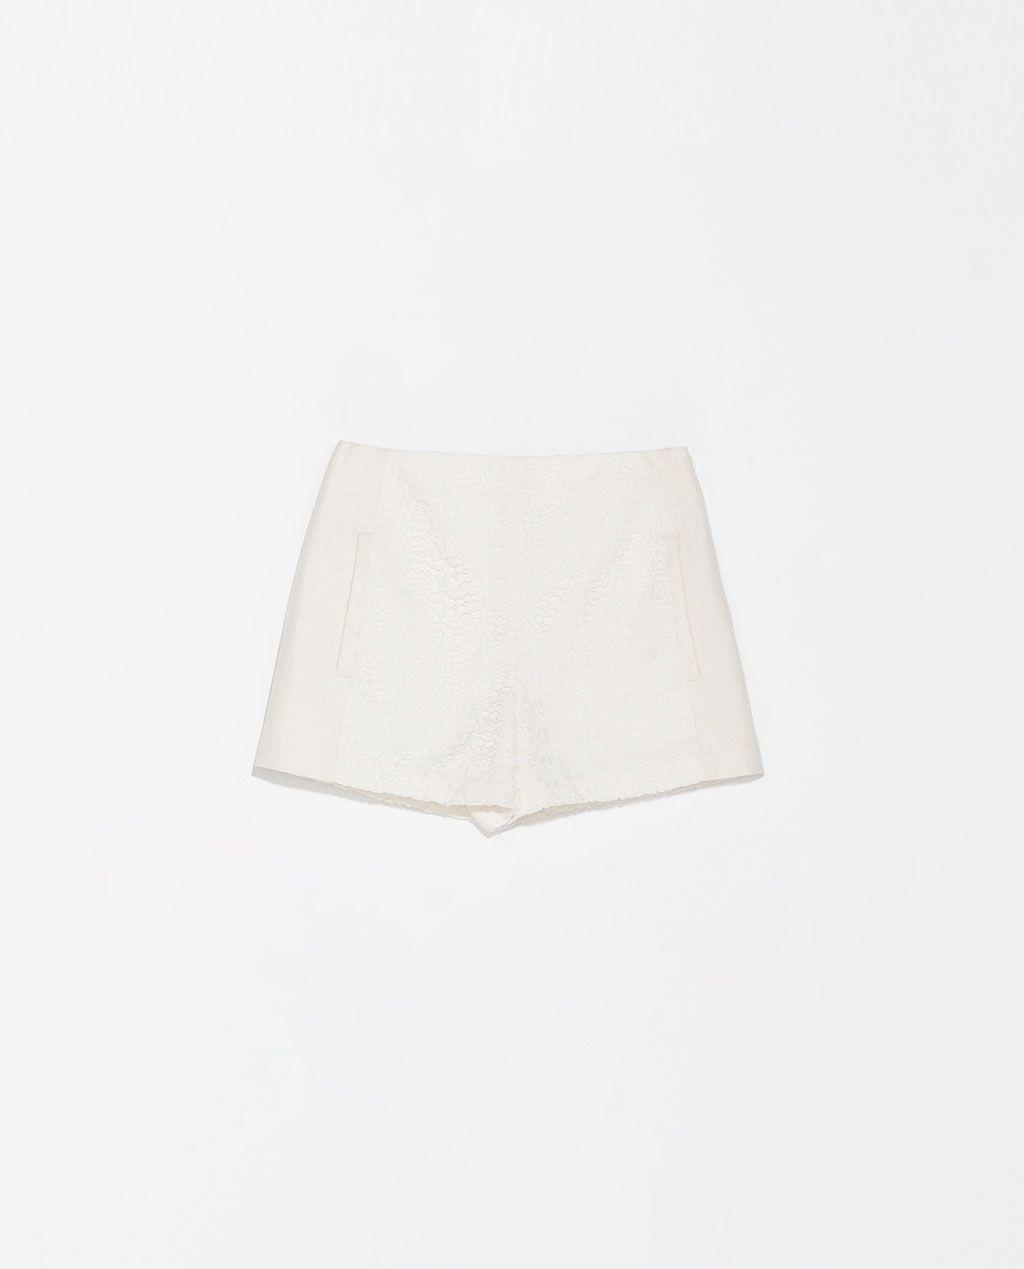 SHORTS ZARA White Shorts Doppio Tessuto